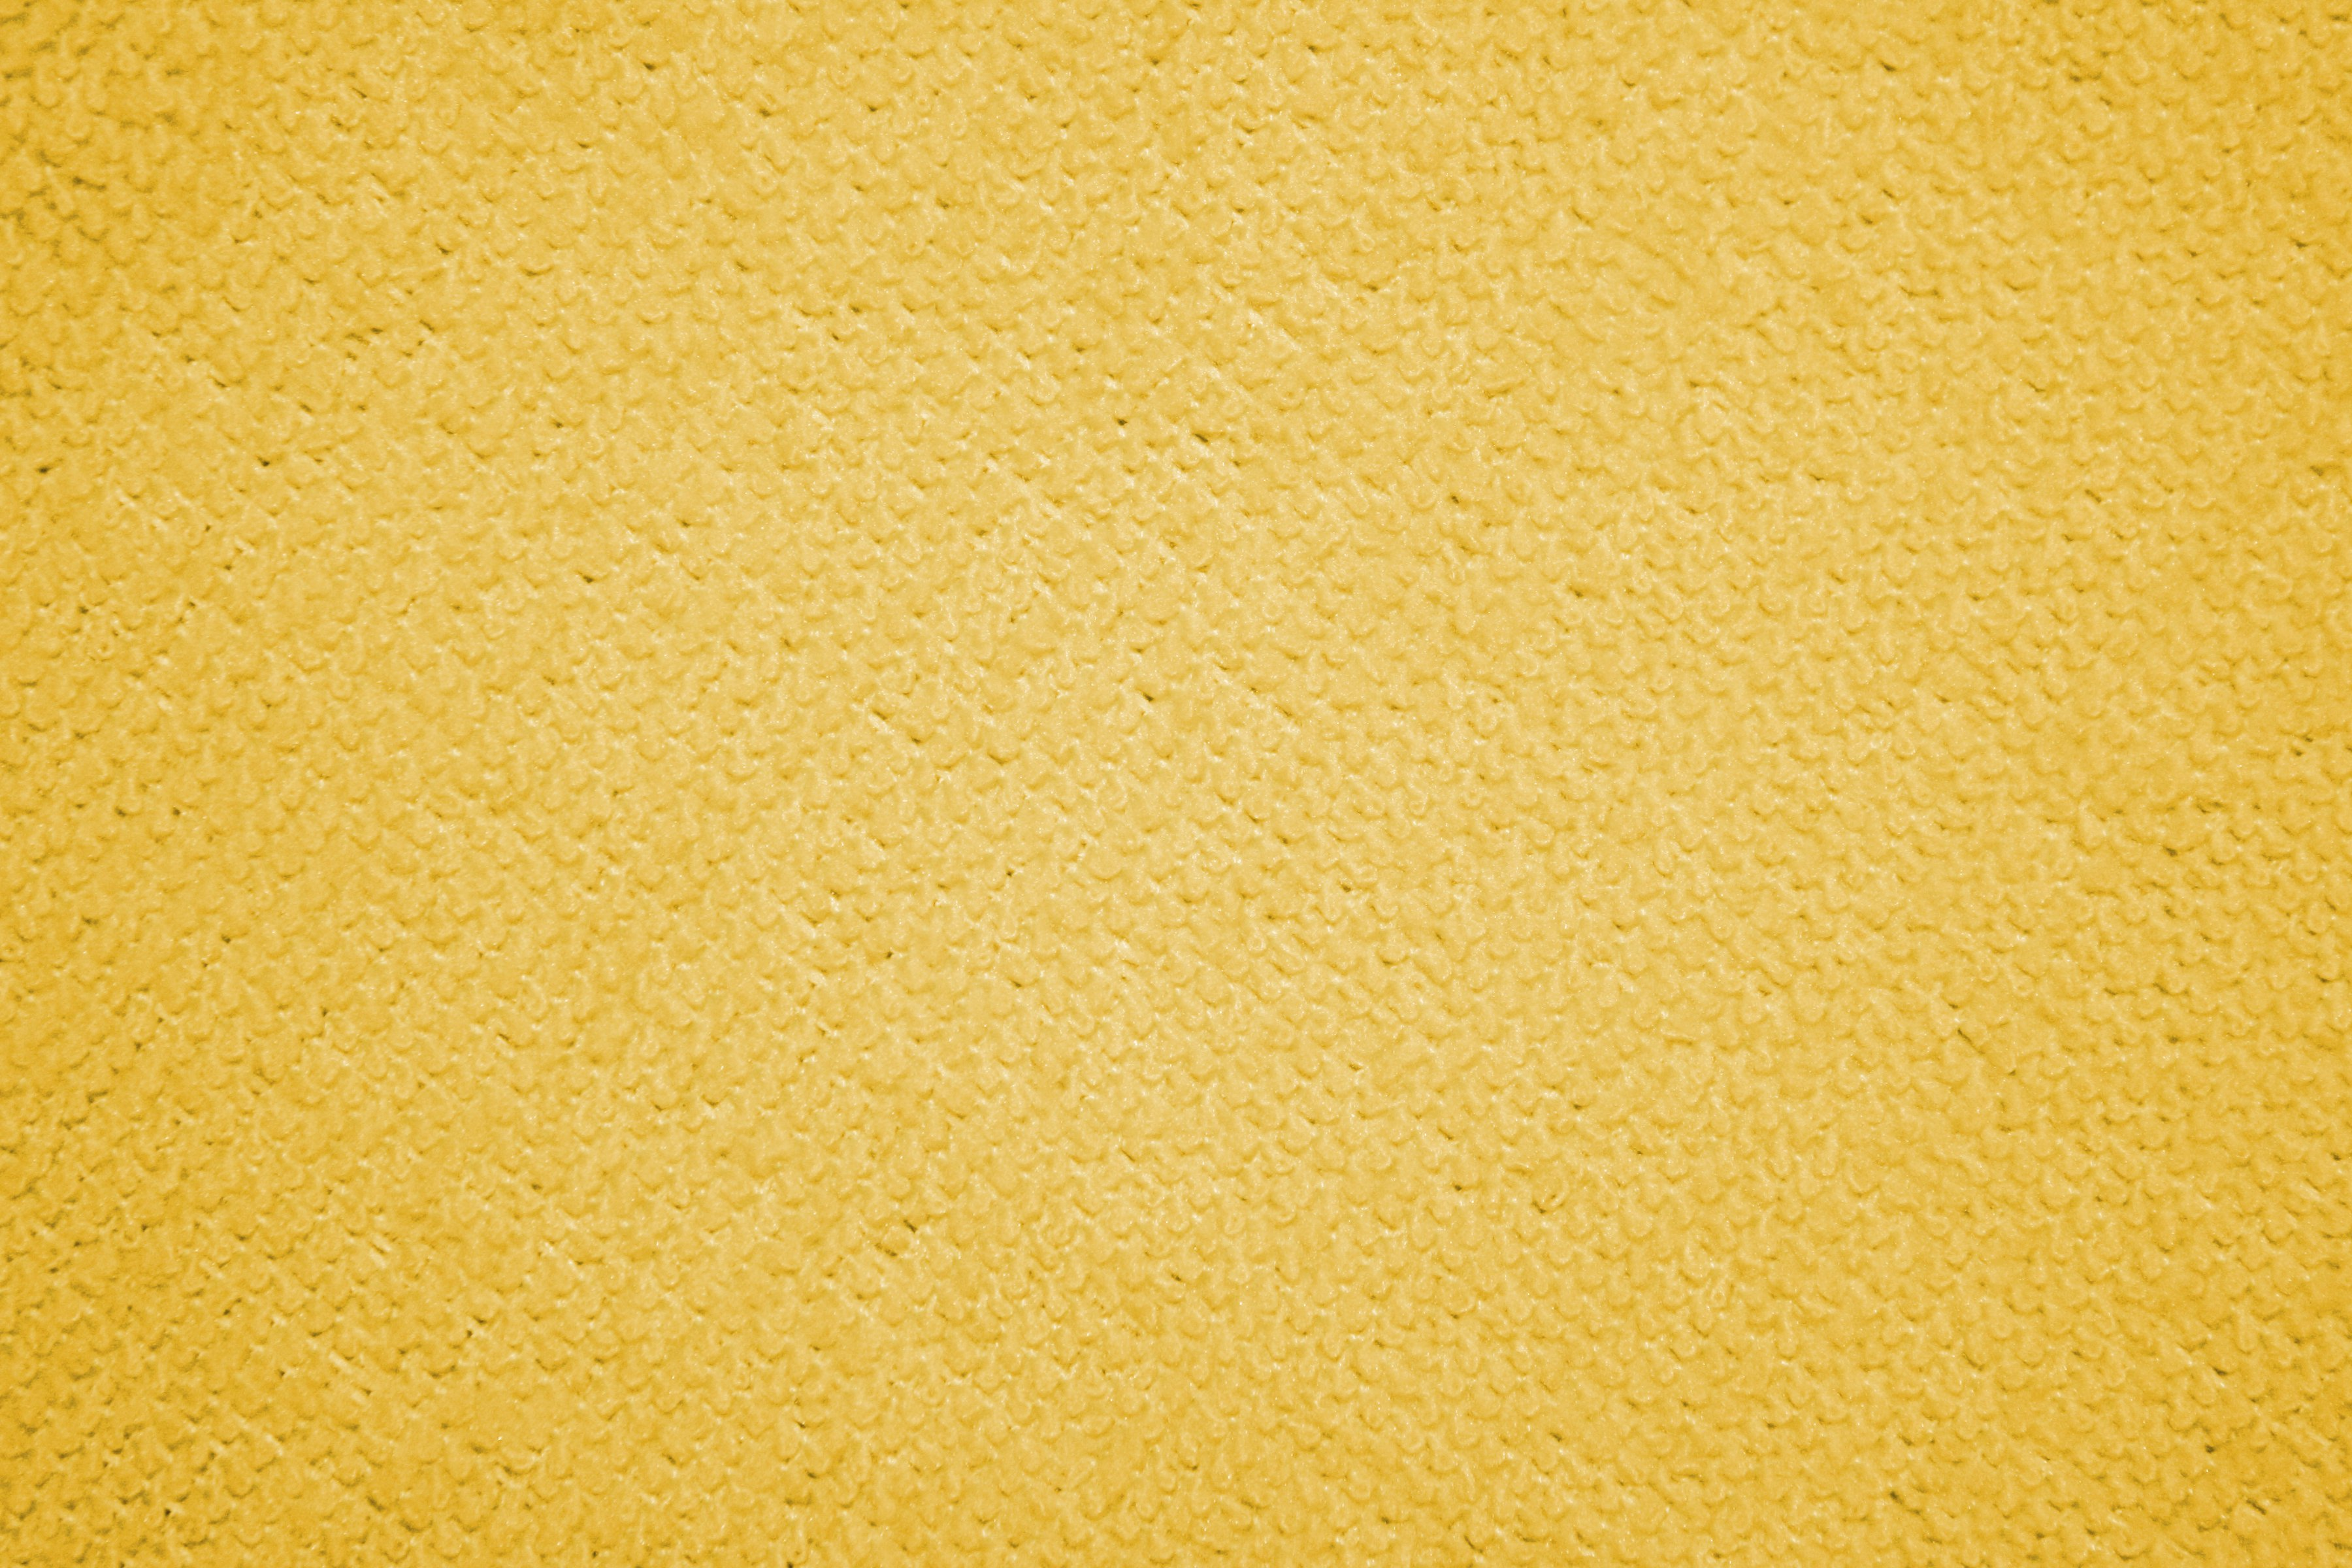 Using Material As Wallpaper Wallpapersafari